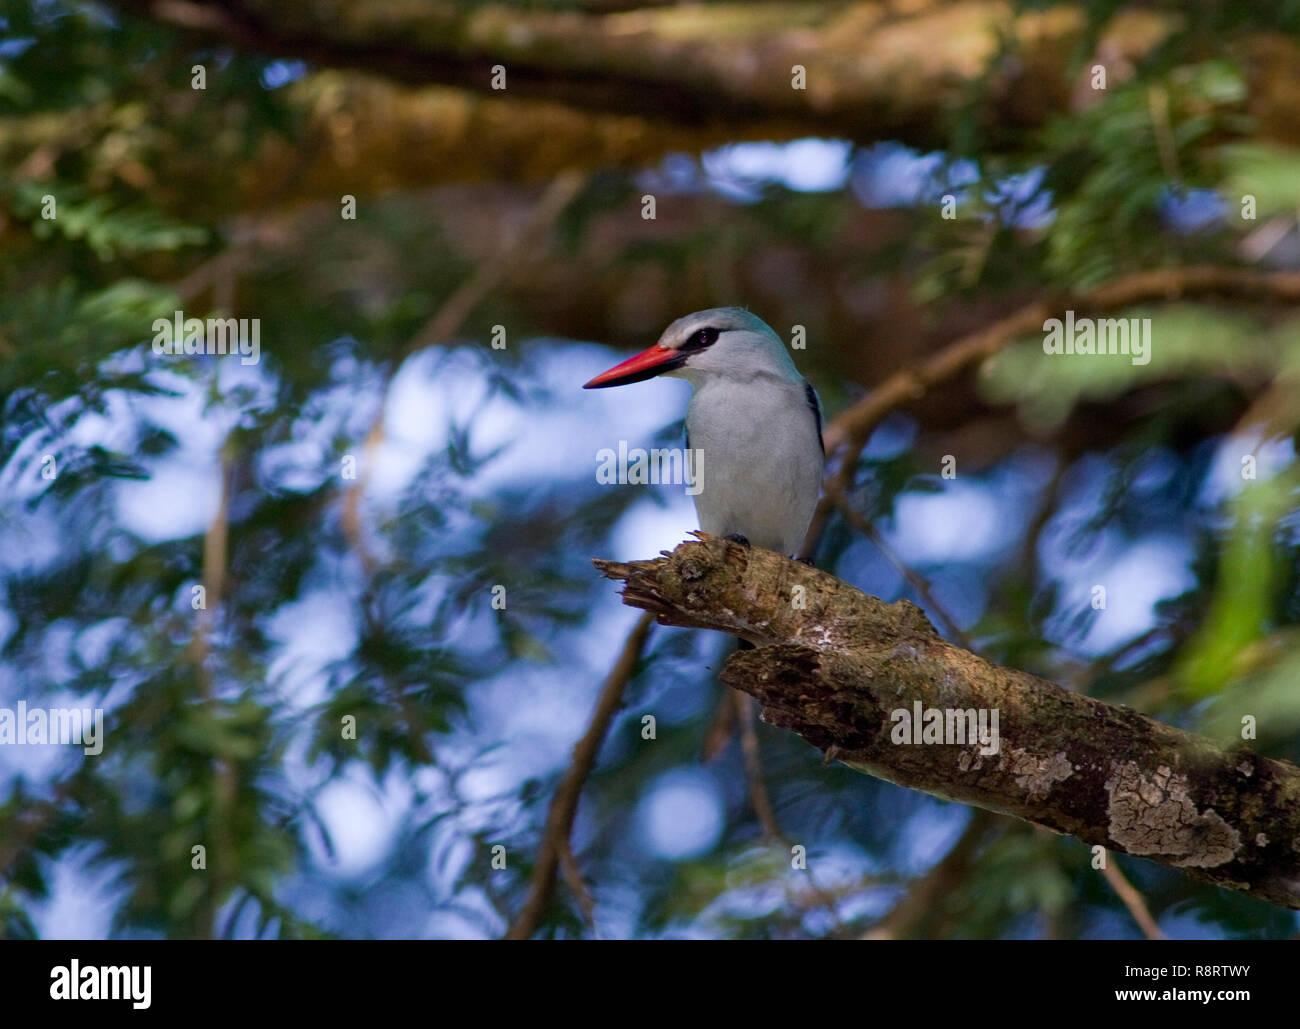 Eine häufige und weit verbreitete Inter-afrikanischen Migranten die markanten Ruf der Wälder Kingfisher ist in einer Vielzahl von Lebensräumen gehört Stockbild